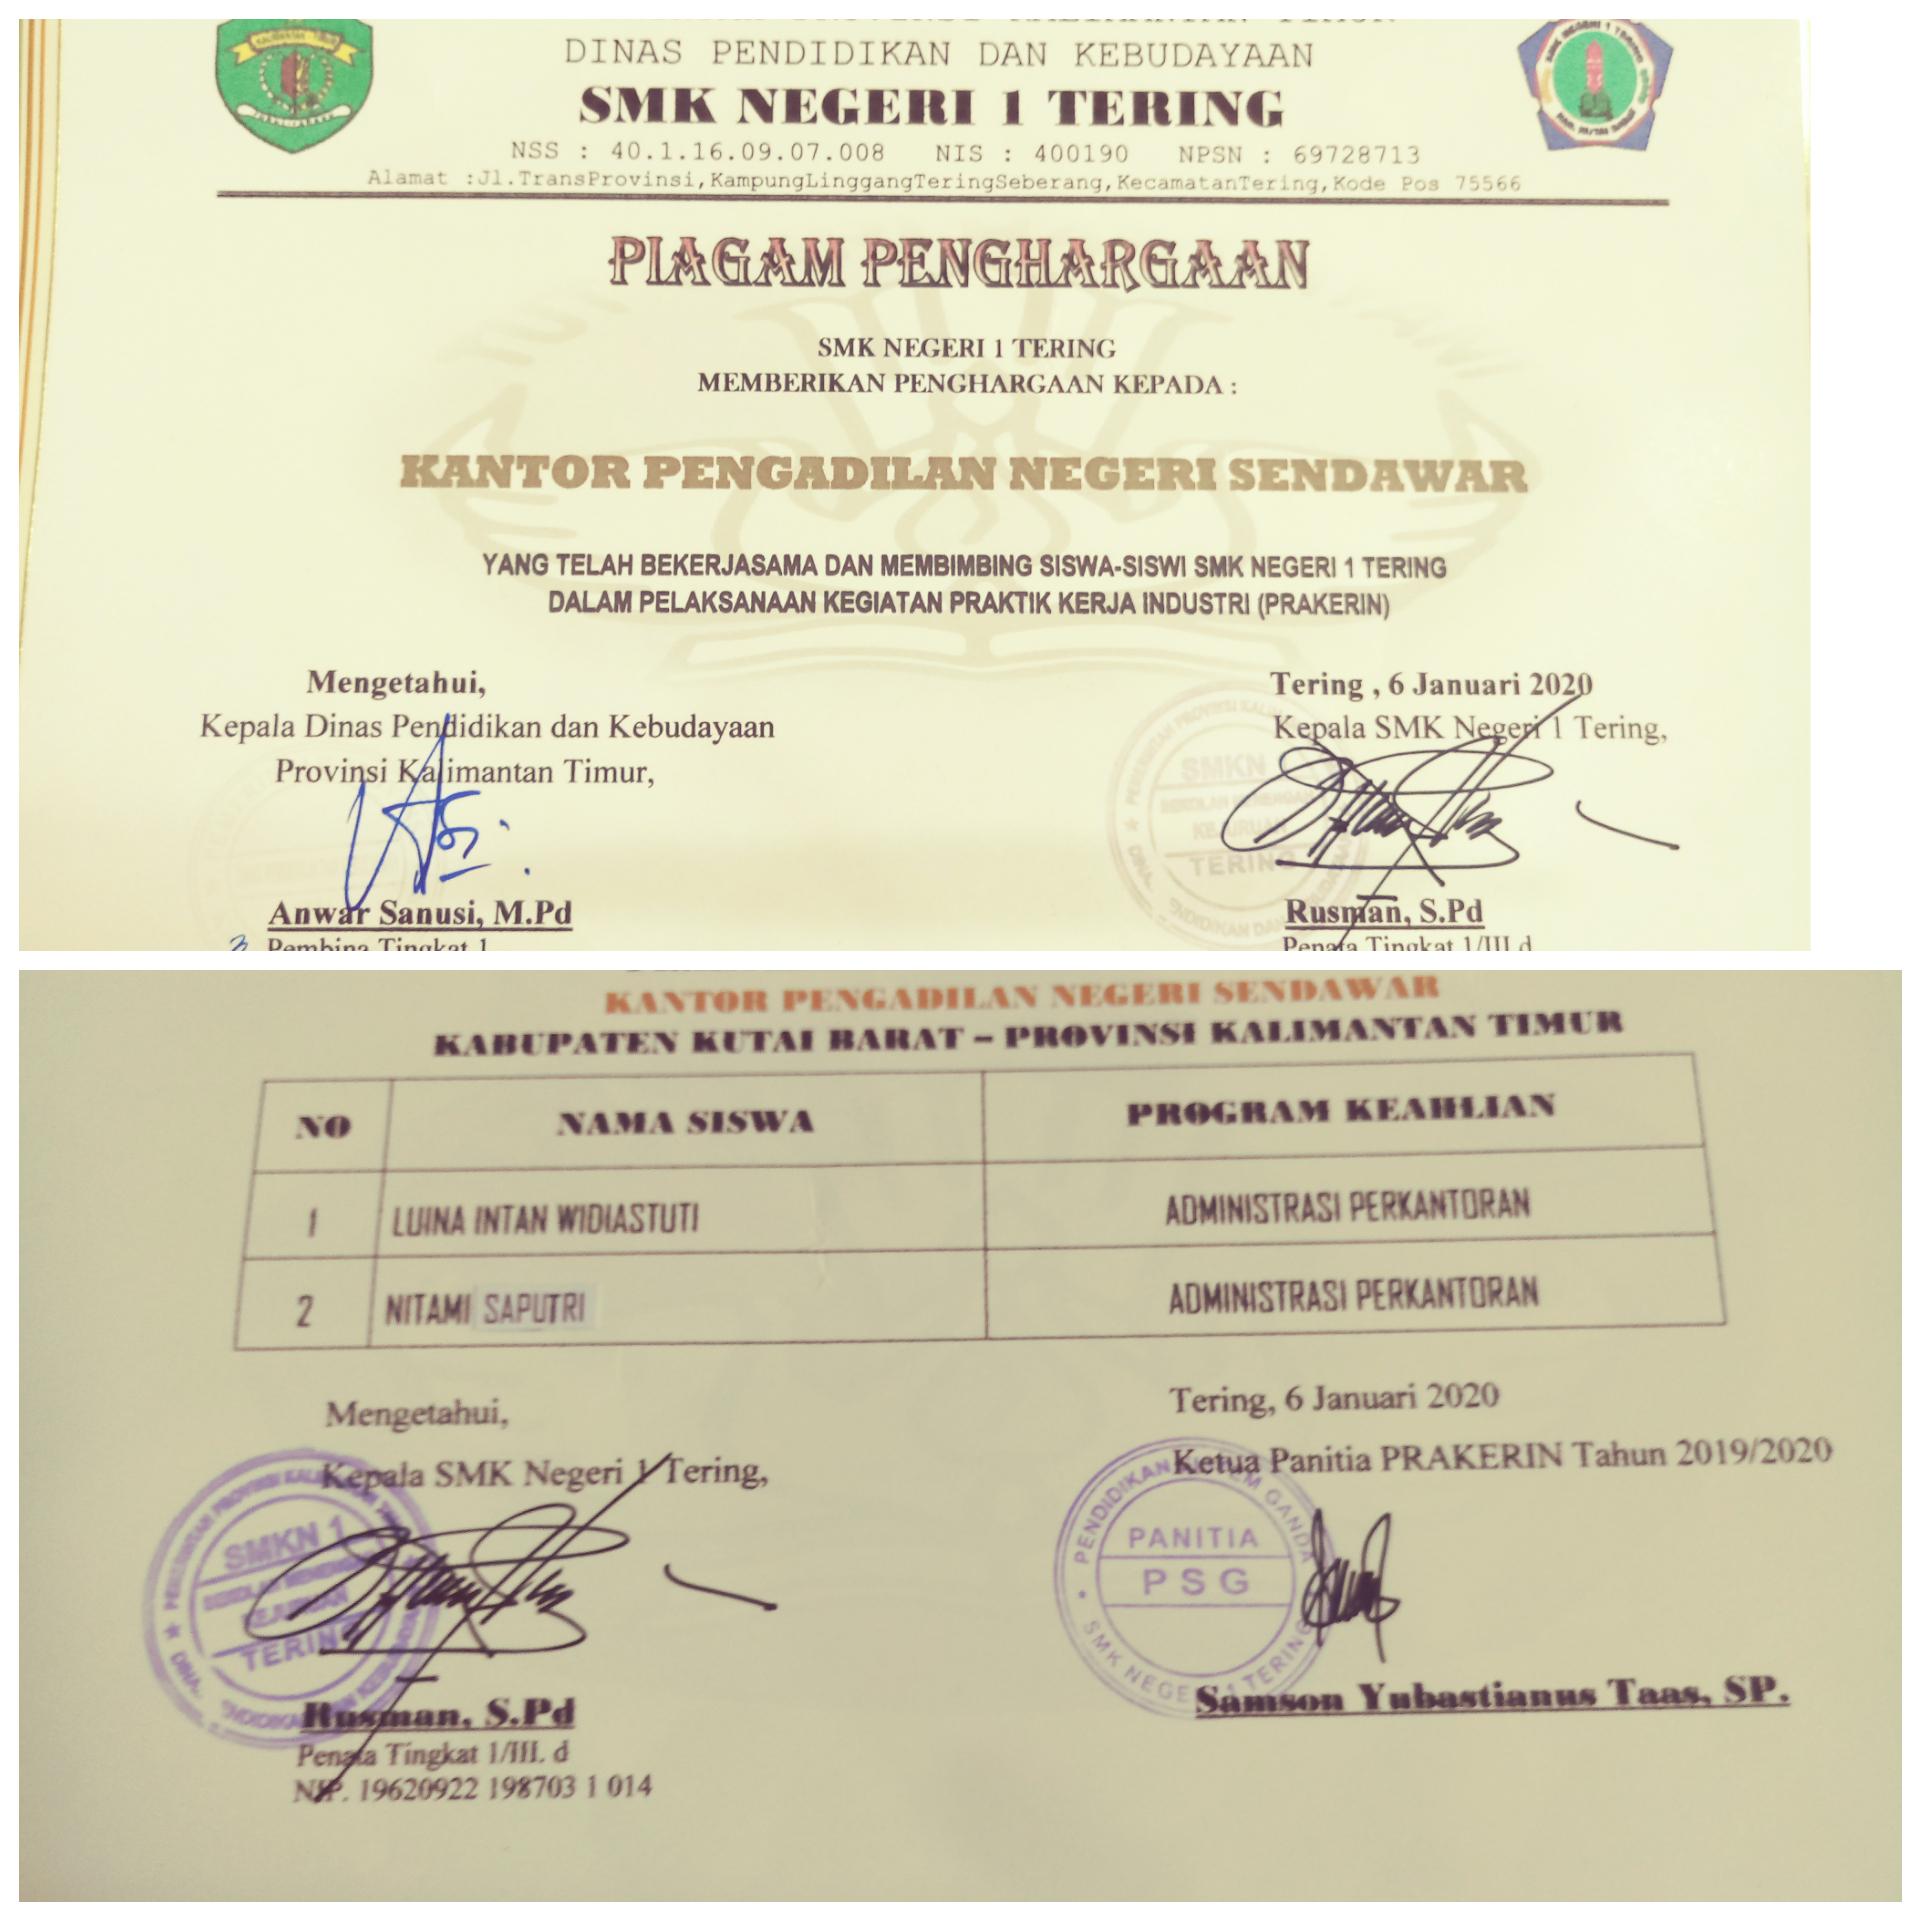 Piagam Penghargaan SMK Negeri 1 Tering Kepada Kantor Pengadilan Negeri Kutai Barat